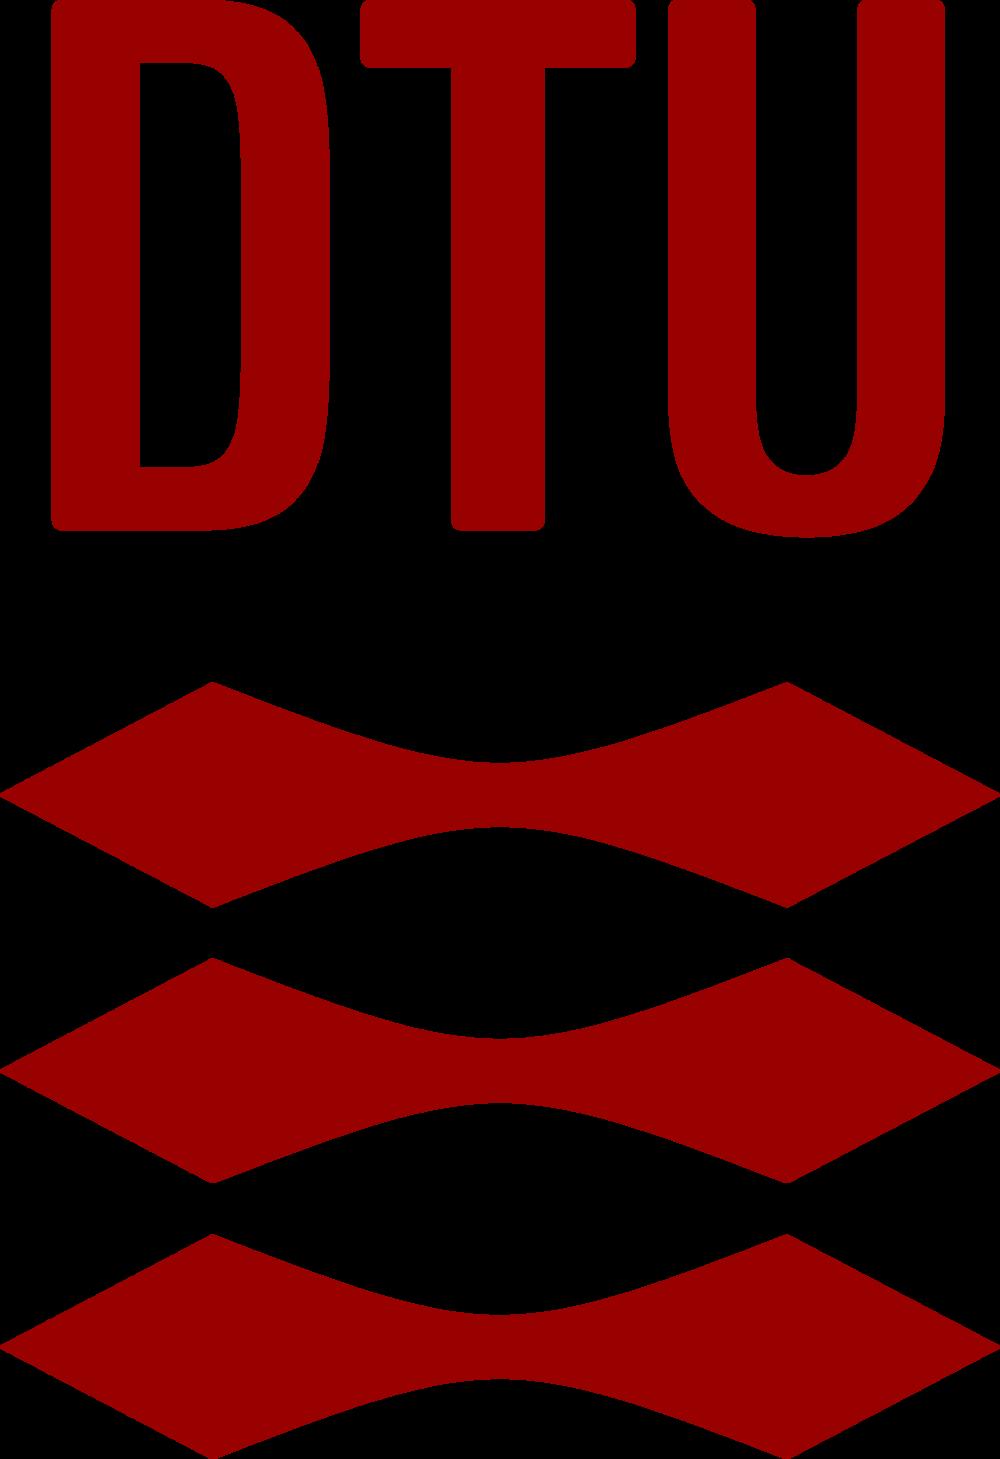 DTU Compute & DTU Byg